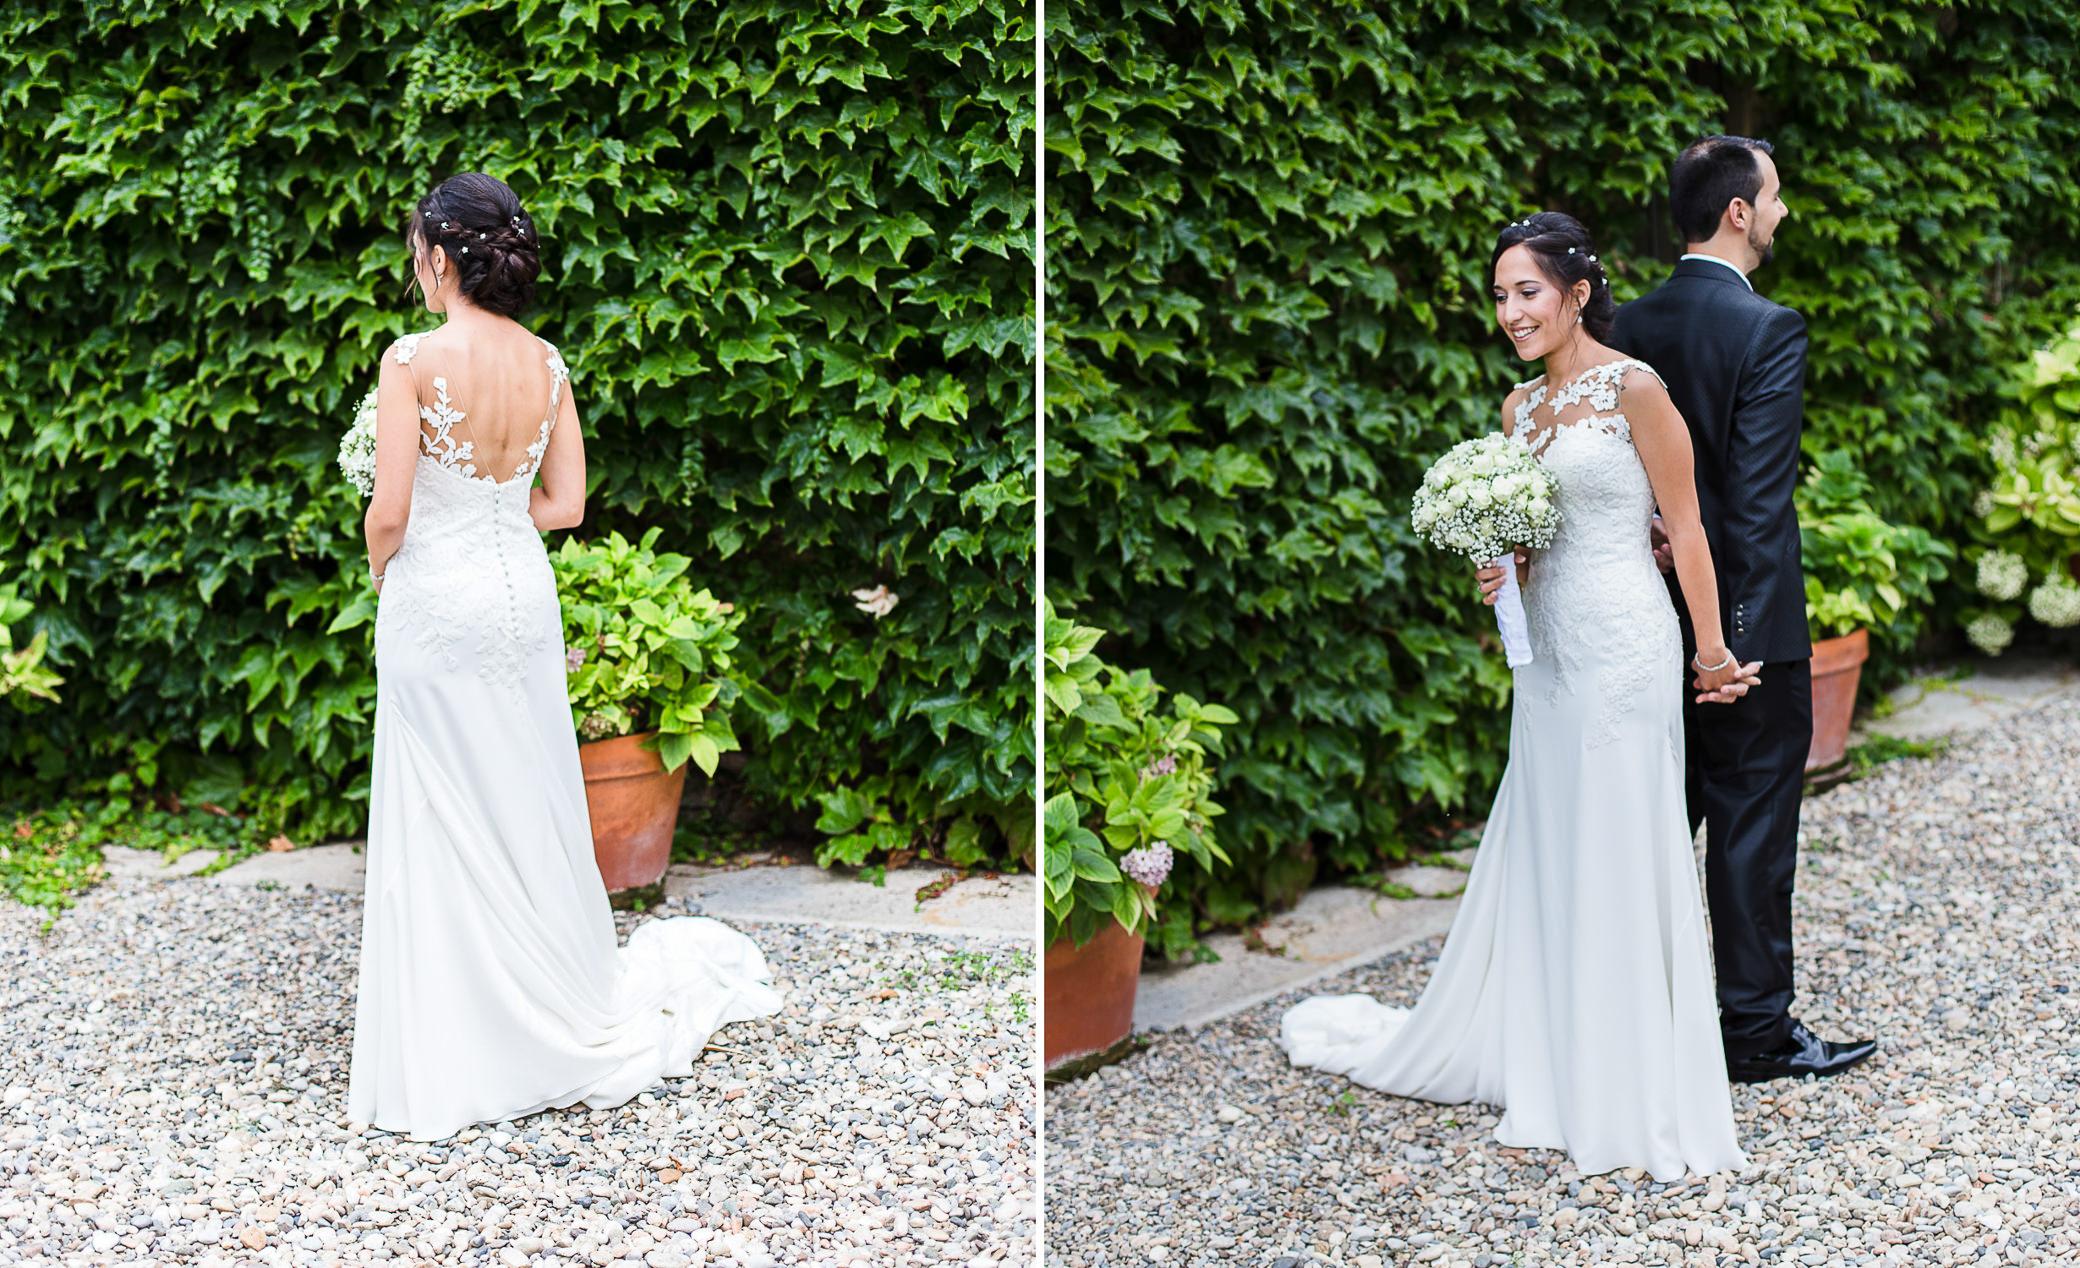 boda-aire-libre-can-tosca-photografeel-19.jpg